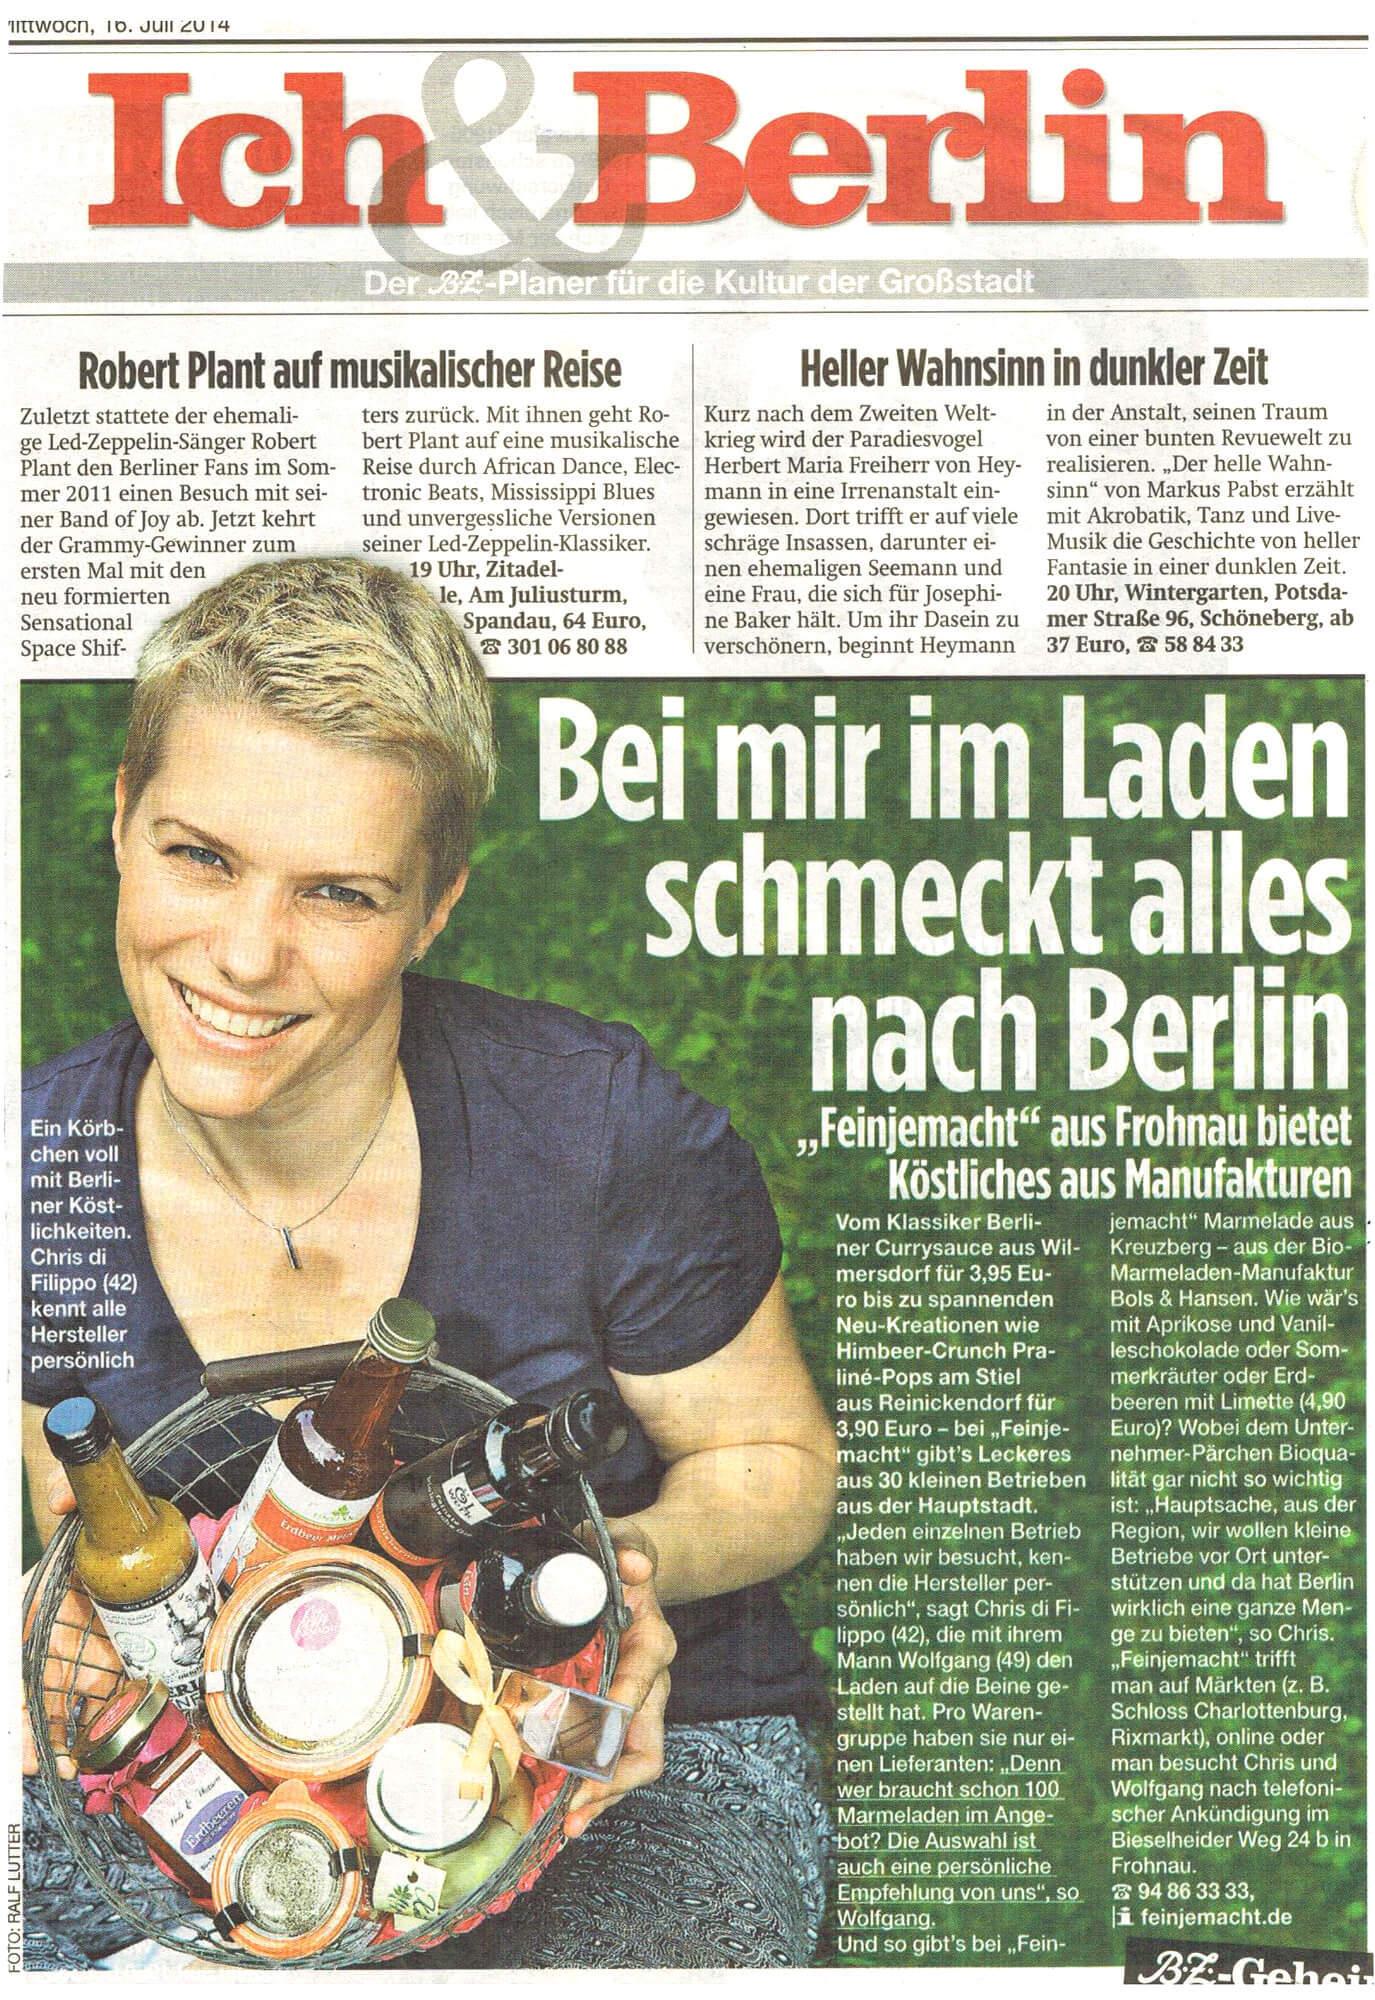 Pressebericht über feinjemacht von der Berliner Zeitung